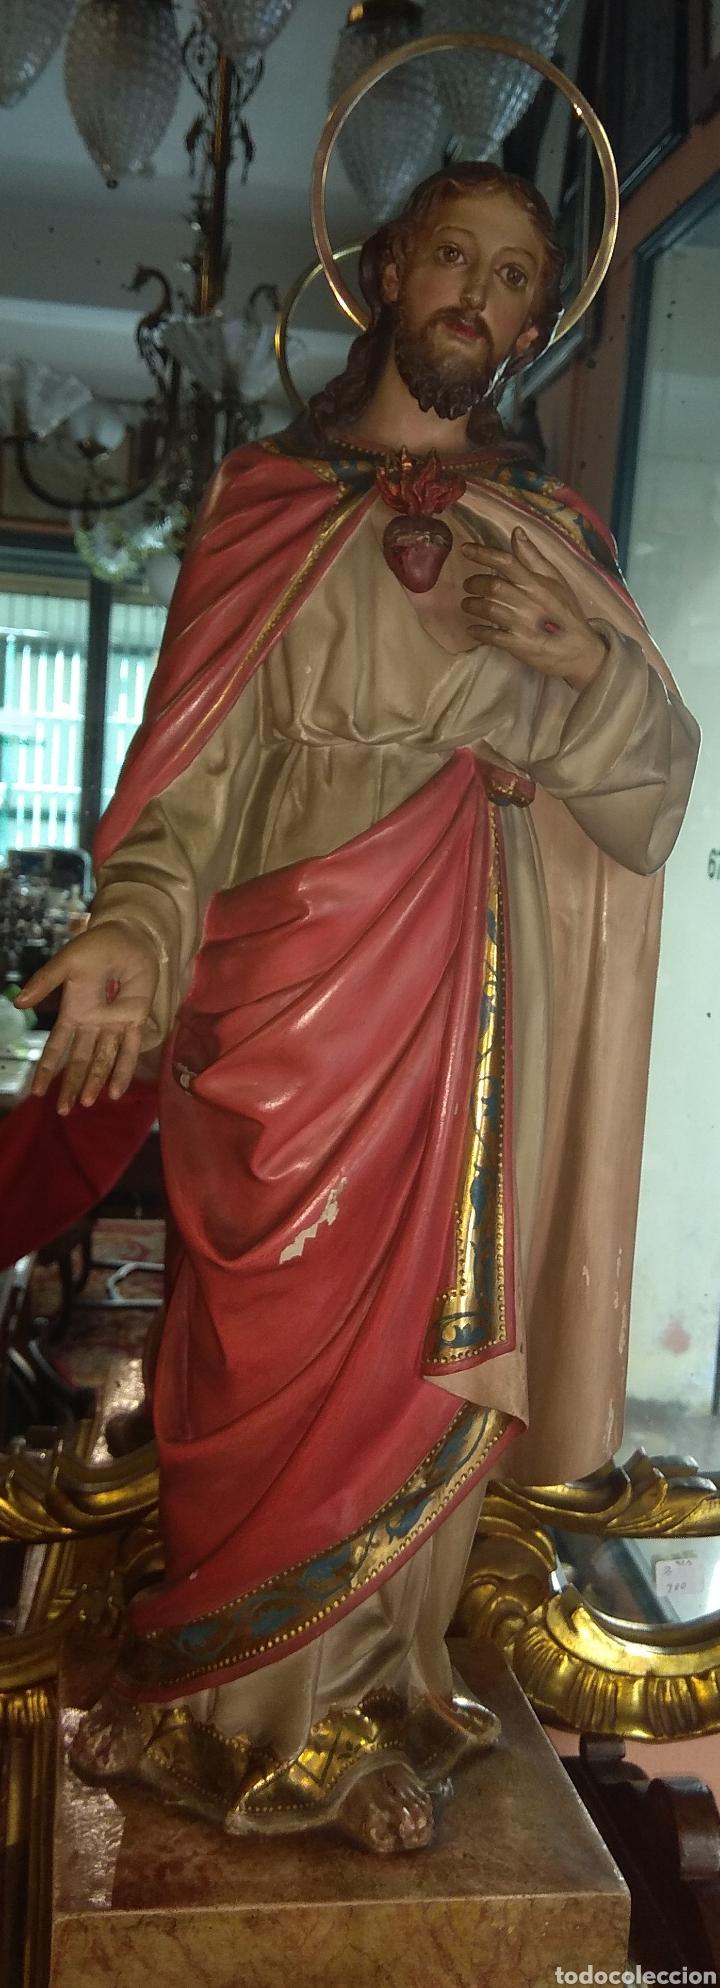 Arte: Escultura Sagrado Corazón de Jesús XIX Madera - Foto 11 - 147229958